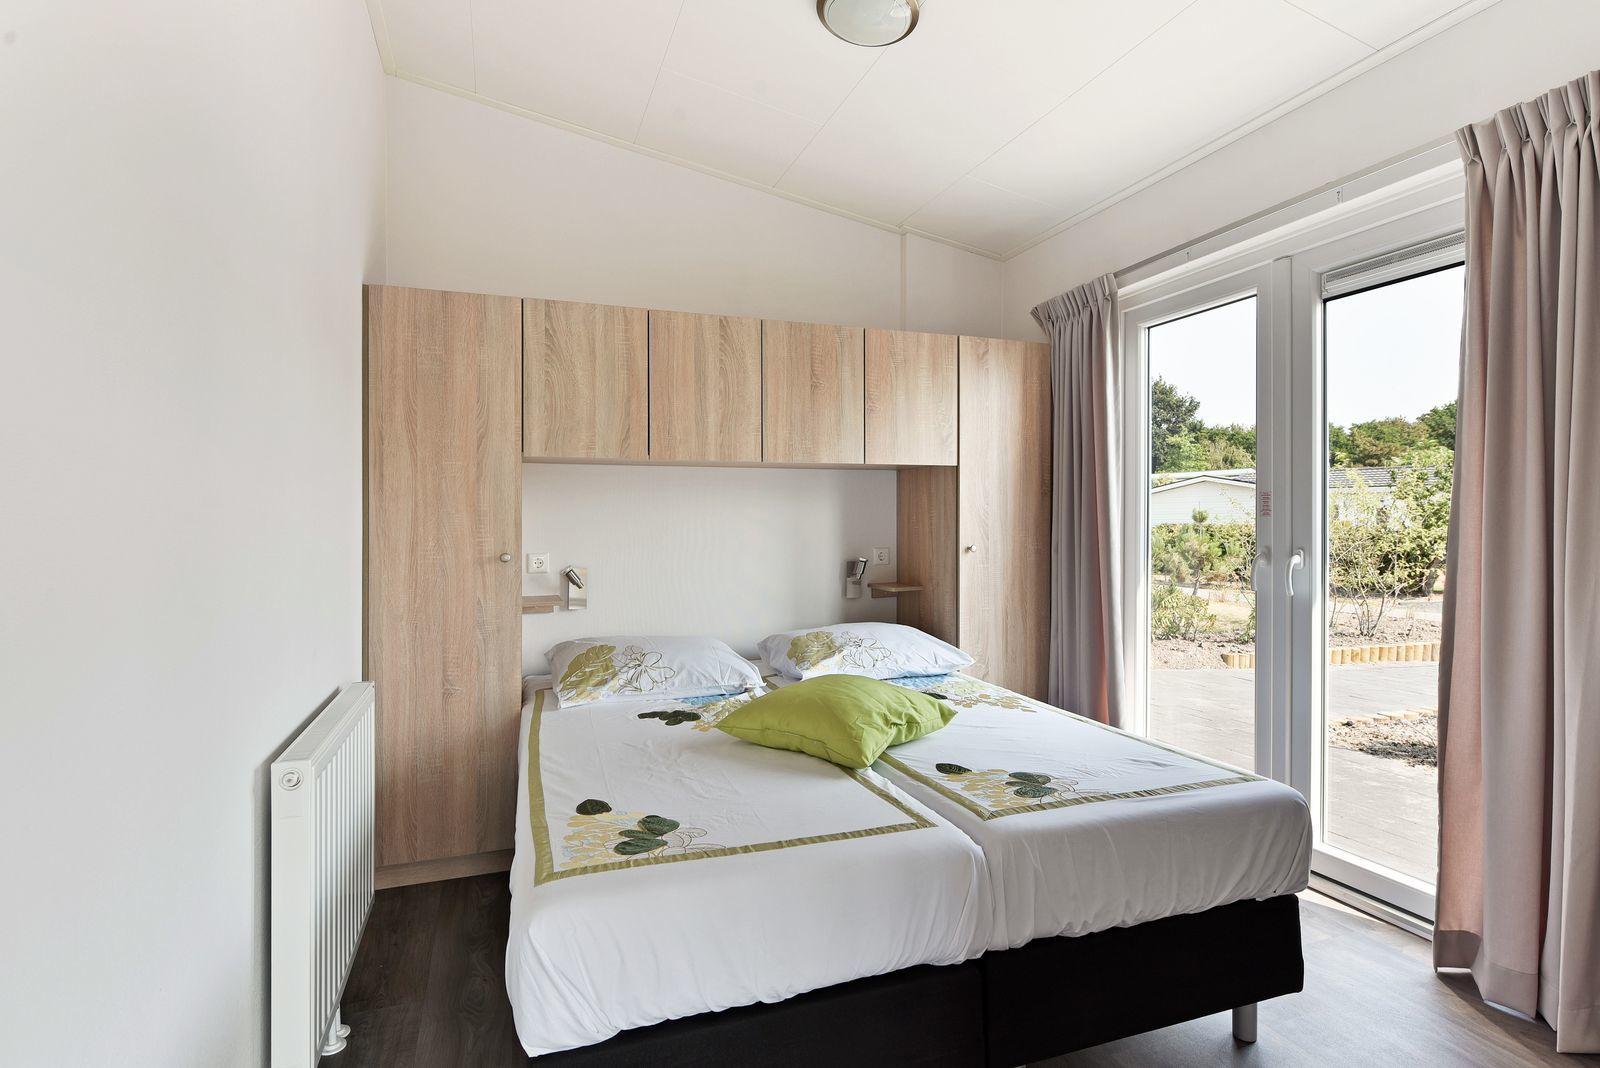 MiVa accommodatie: 4/6-persoons, 2 slaapkamers